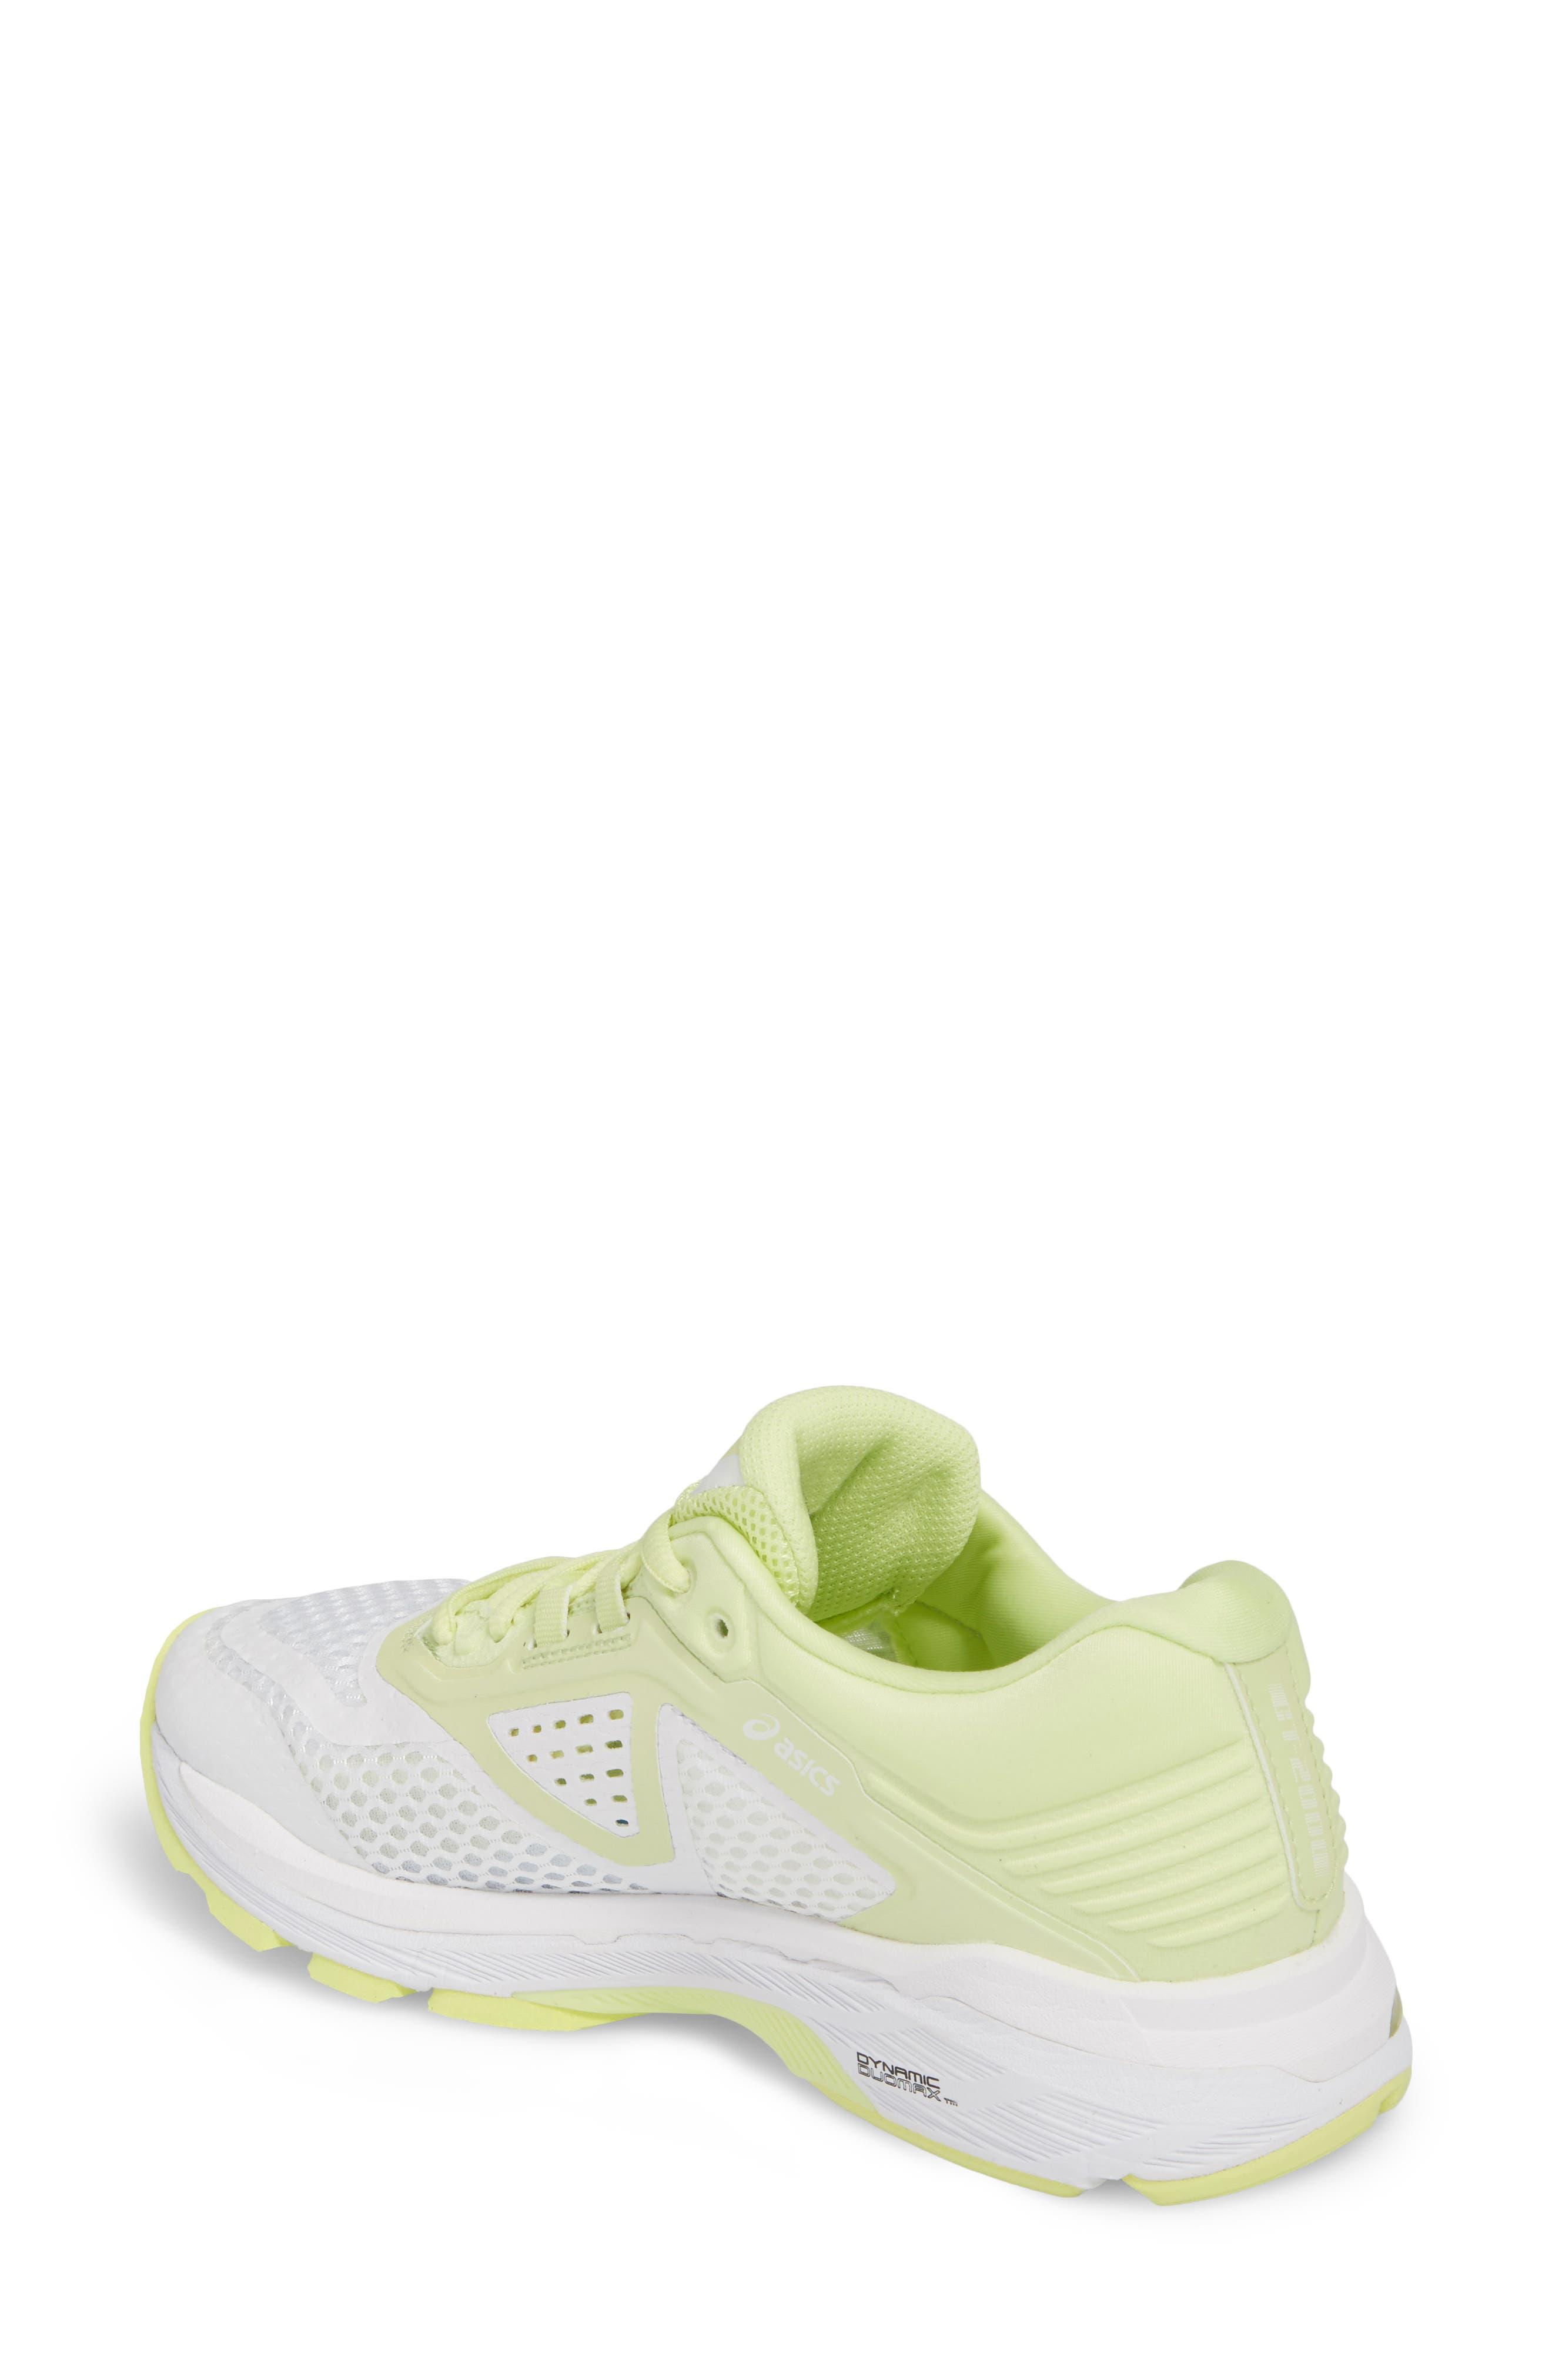 GT-2000 6 Running Shoe,                             Alternate thumbnail 2, color,                             White/ Silver/ Limelight